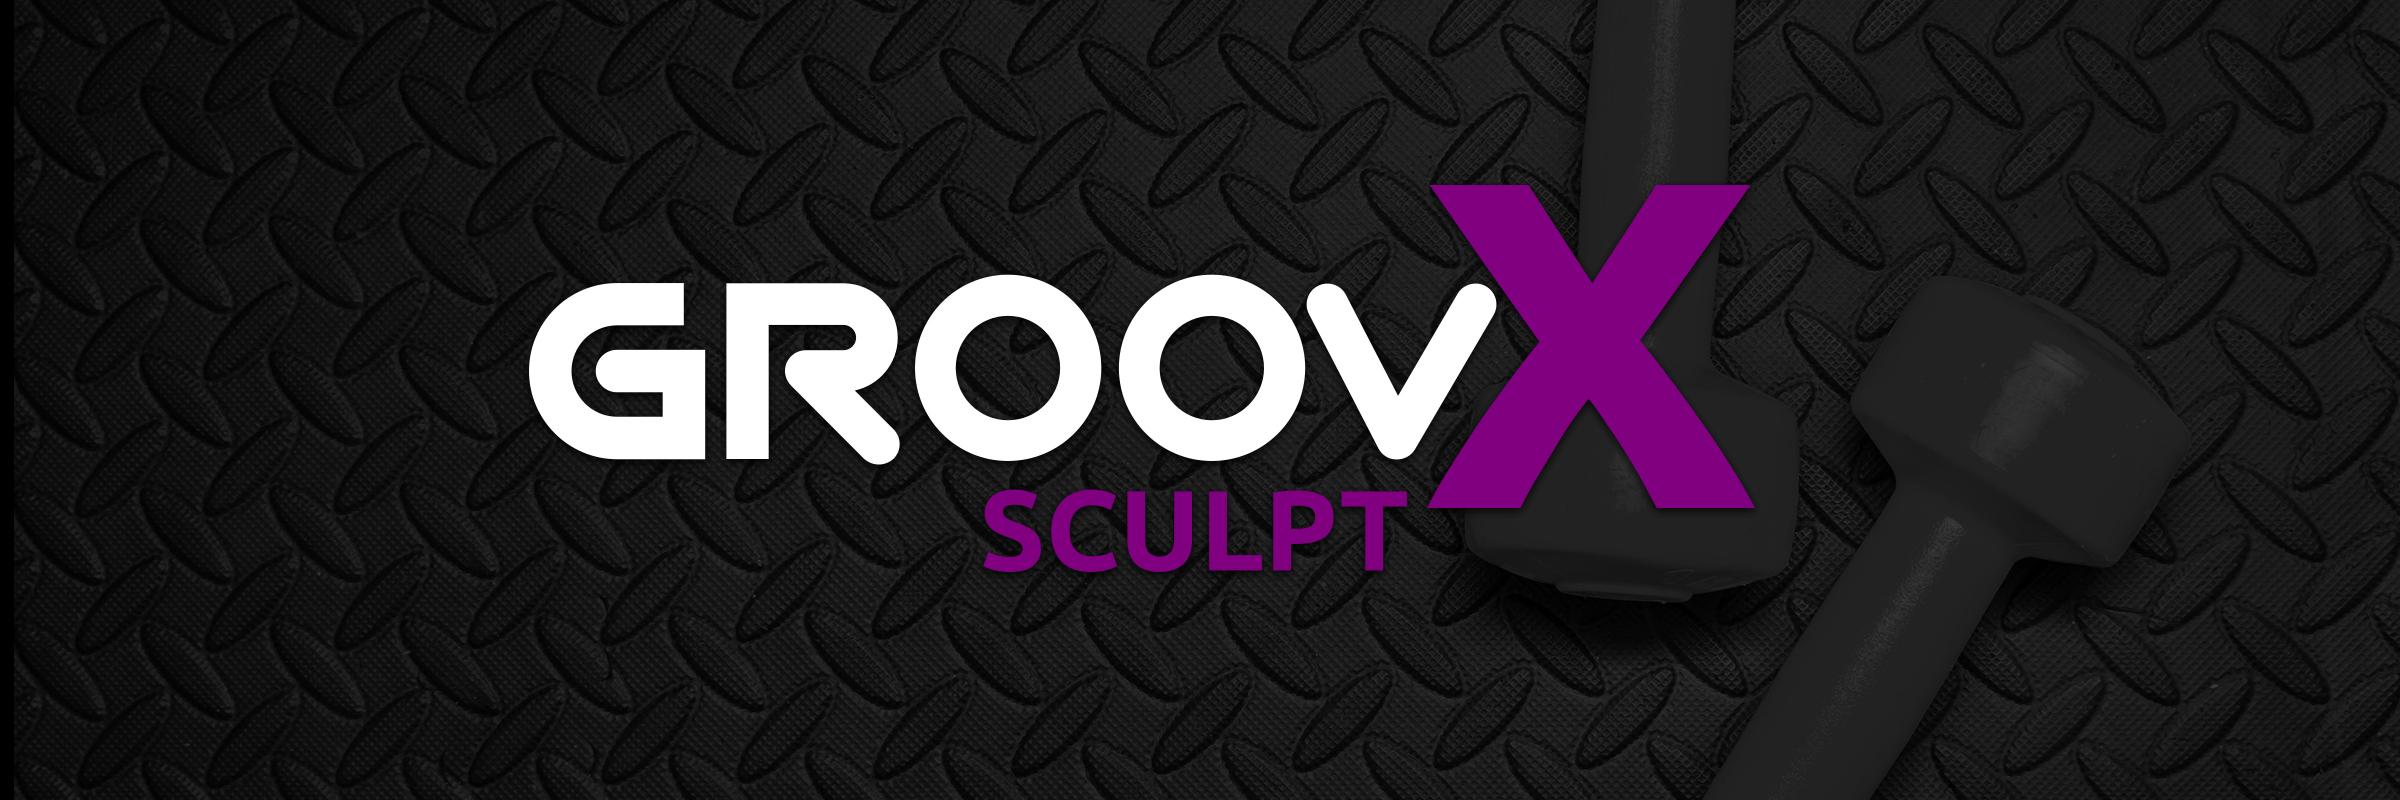 GroovX Sculpt